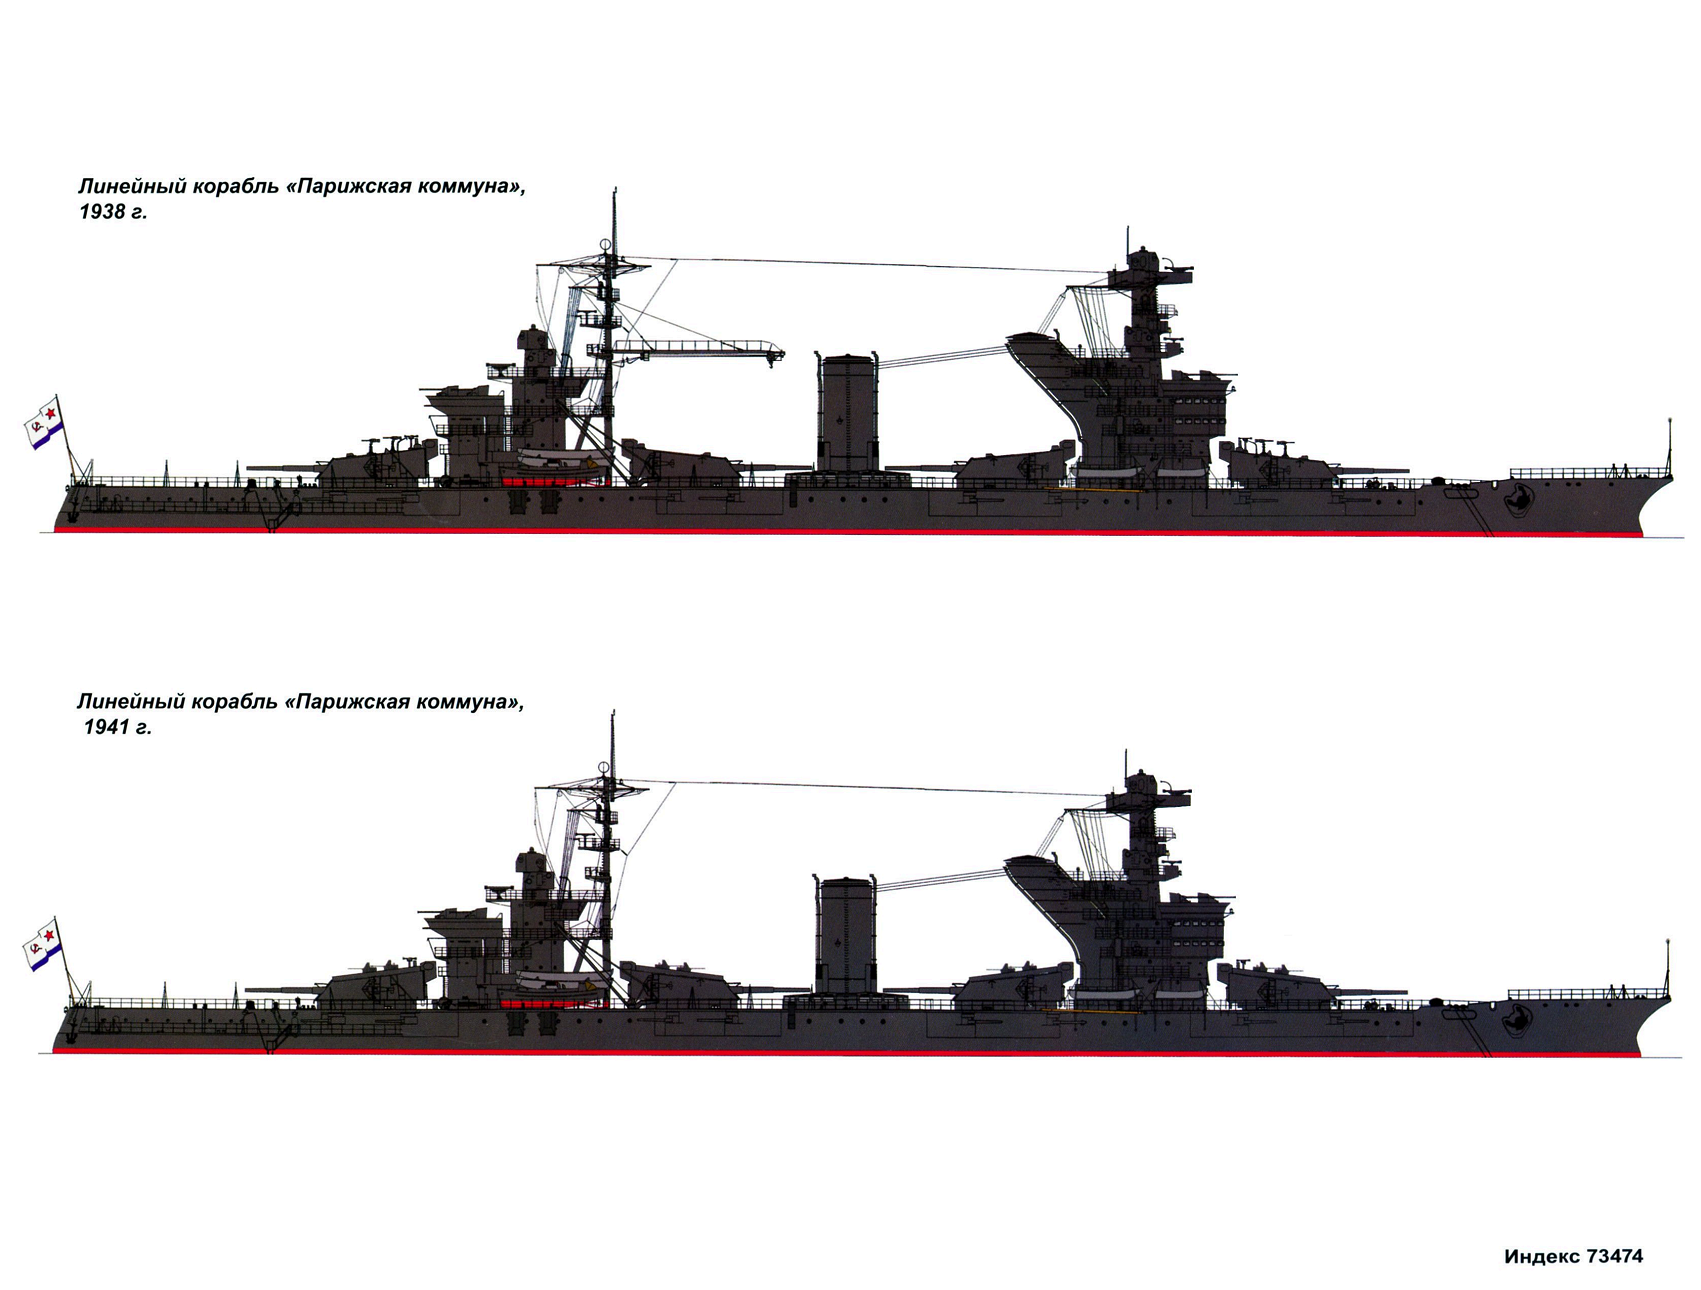 medium resolution of russian battleship komuna paryska